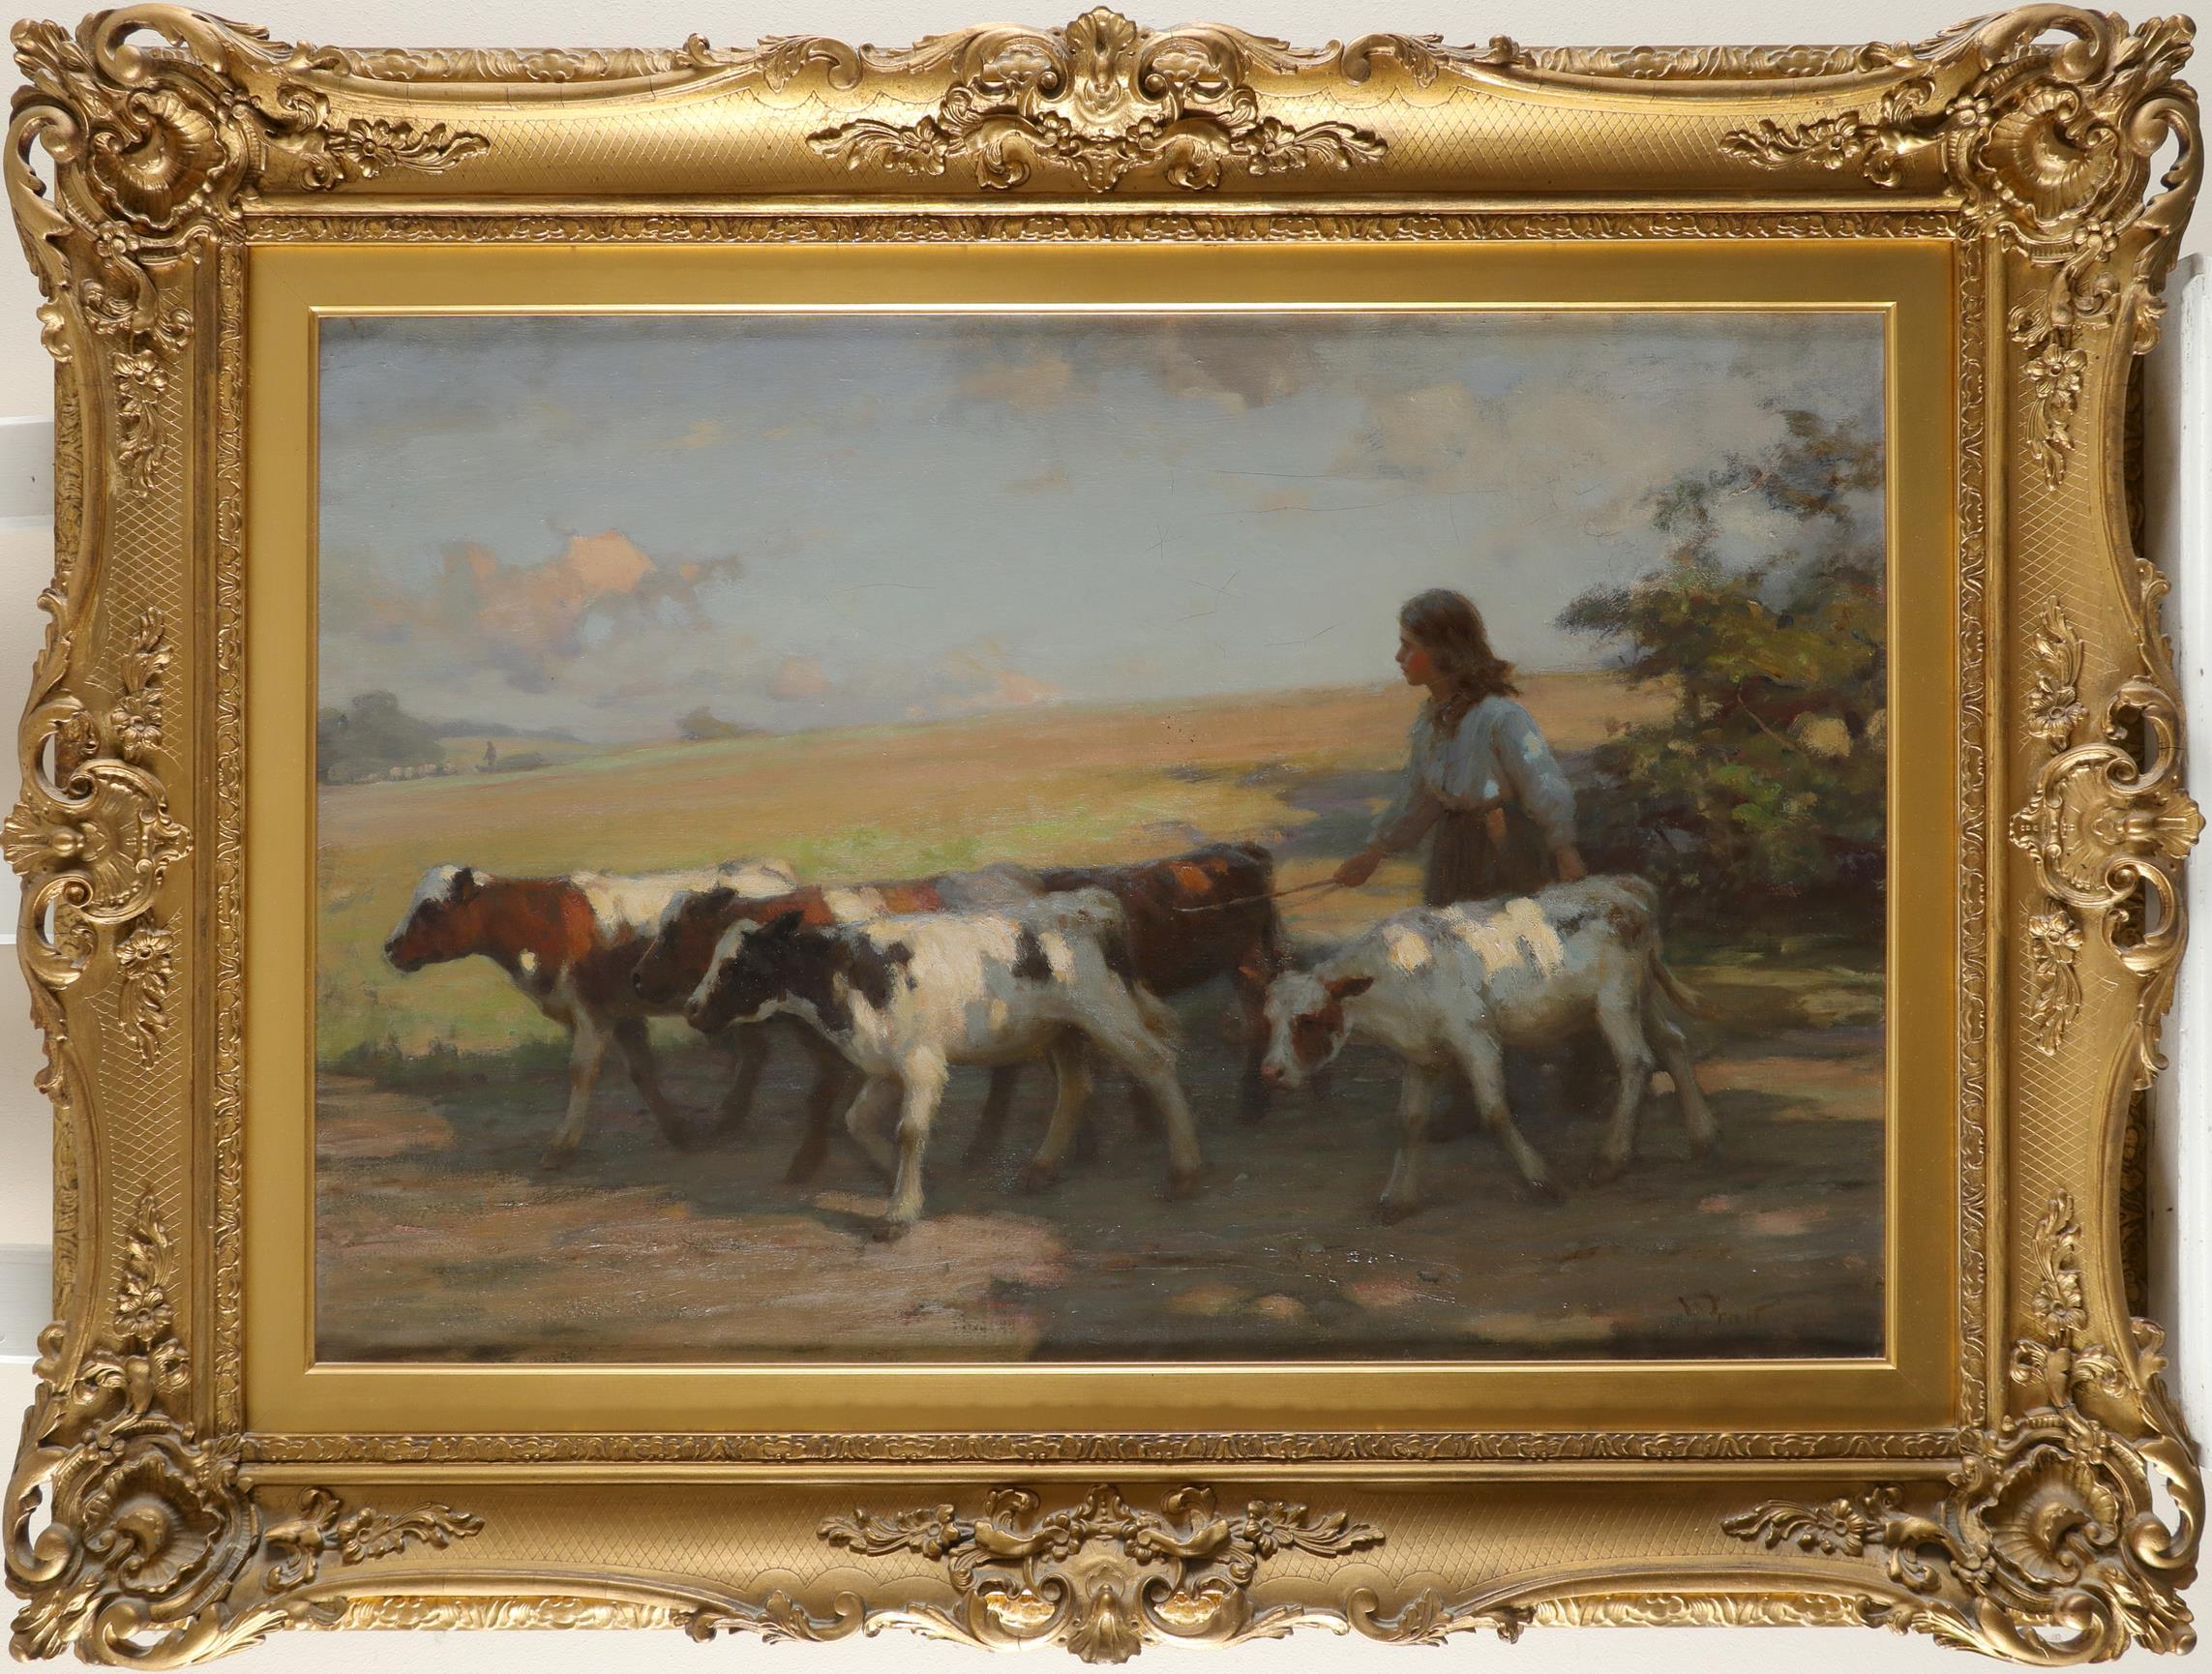 William Pratt (Scottish 1855-1936) A girl driving cattle Signed WPratt (WP in ligature, lower right) - Image 2 of 3